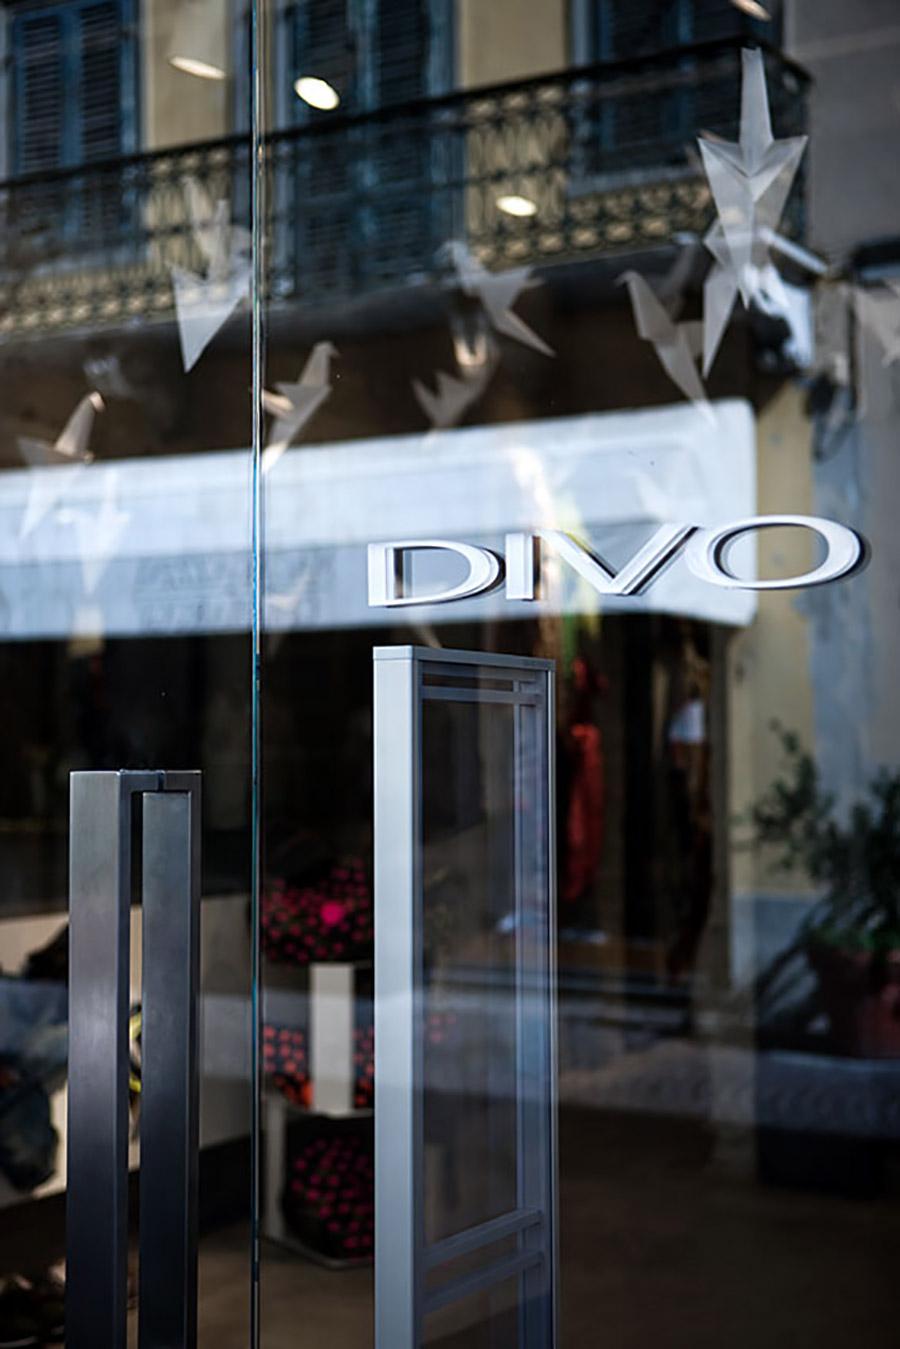 DIVO-1